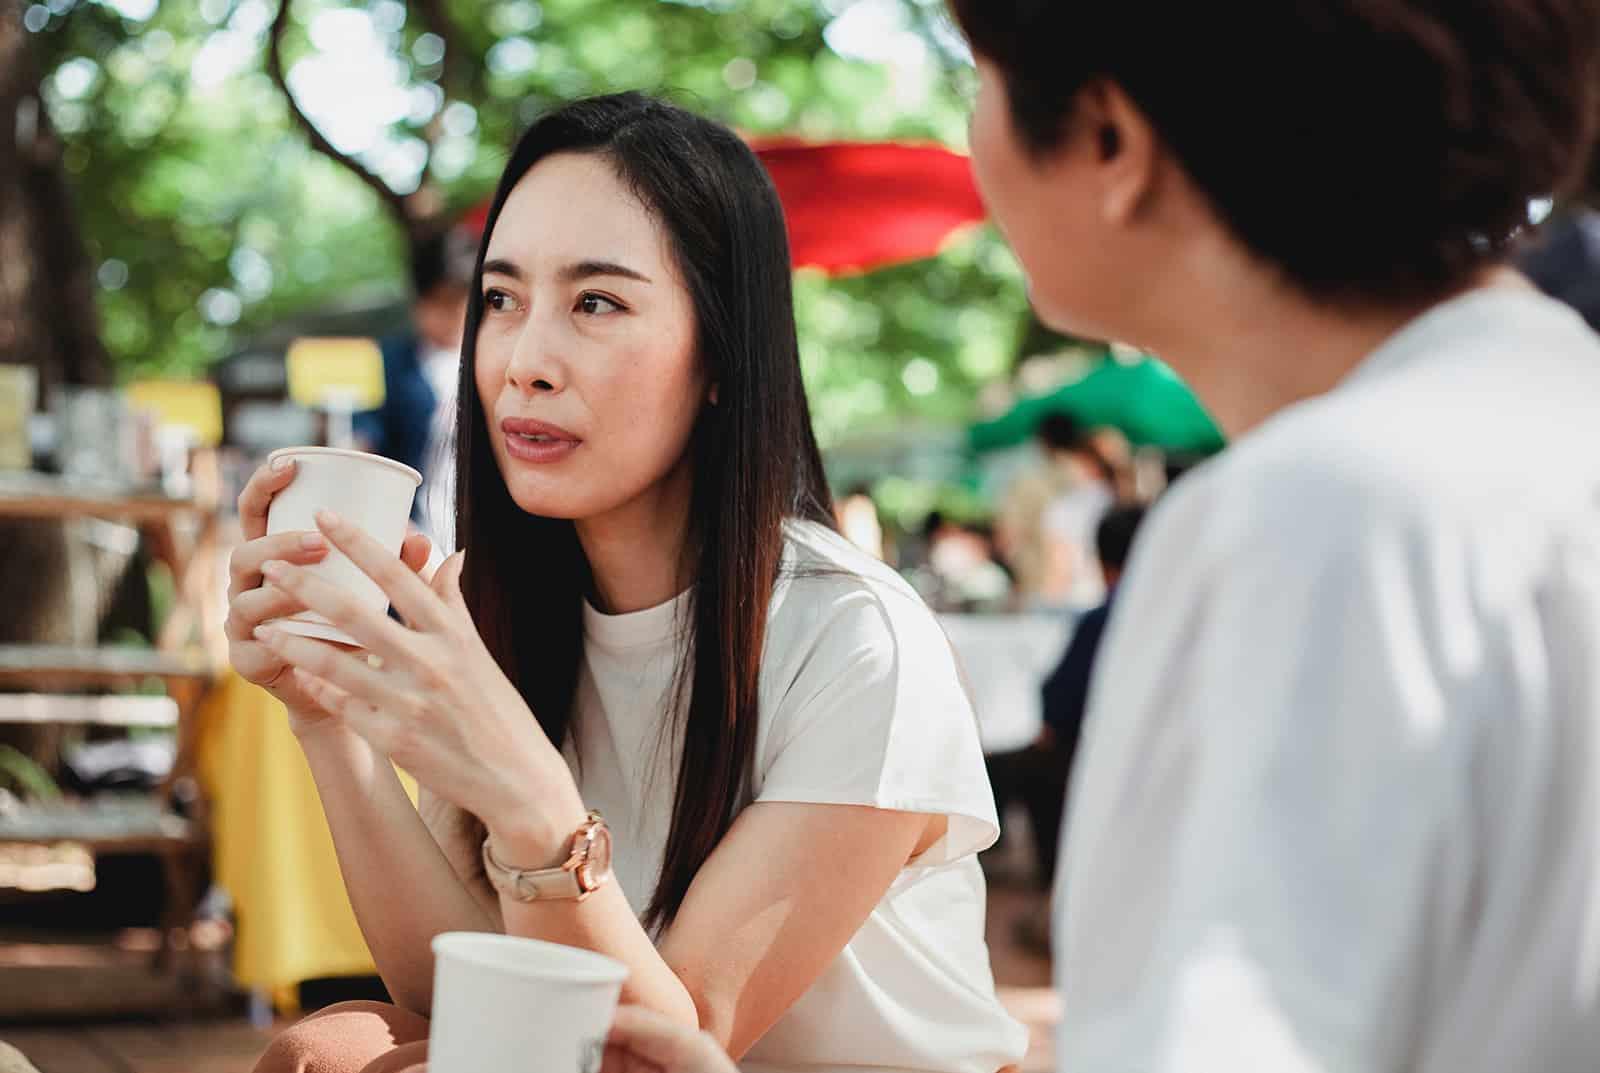 eine nachdenkliche Frau, die mit einer Freundin spricht, während sie zusammen Kaffee trinkt